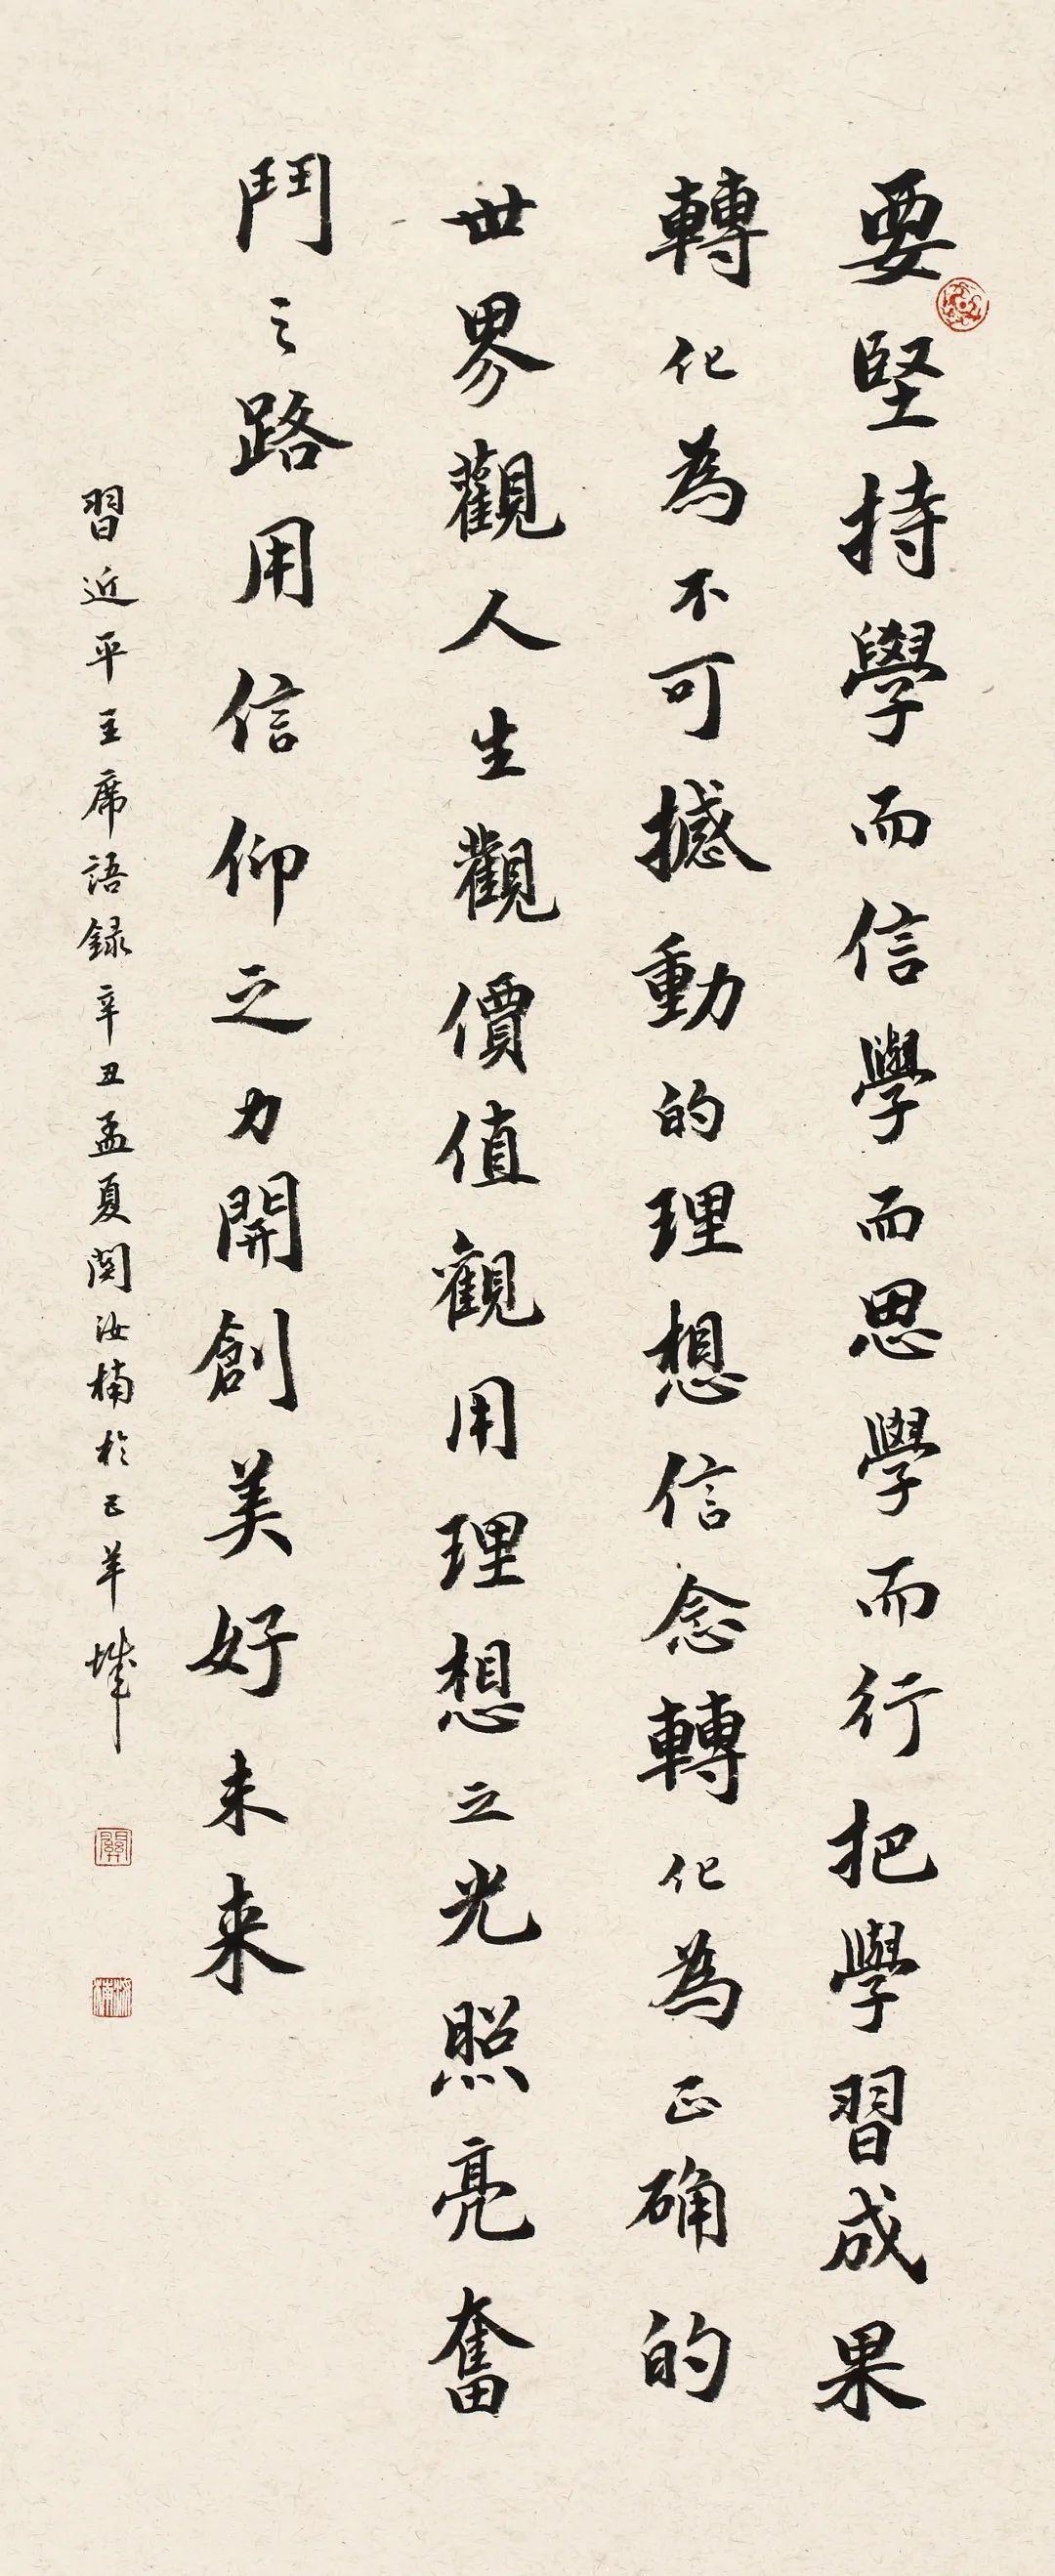 广东省书法家协会会员、广州羊城书法研究会会员关汝楠